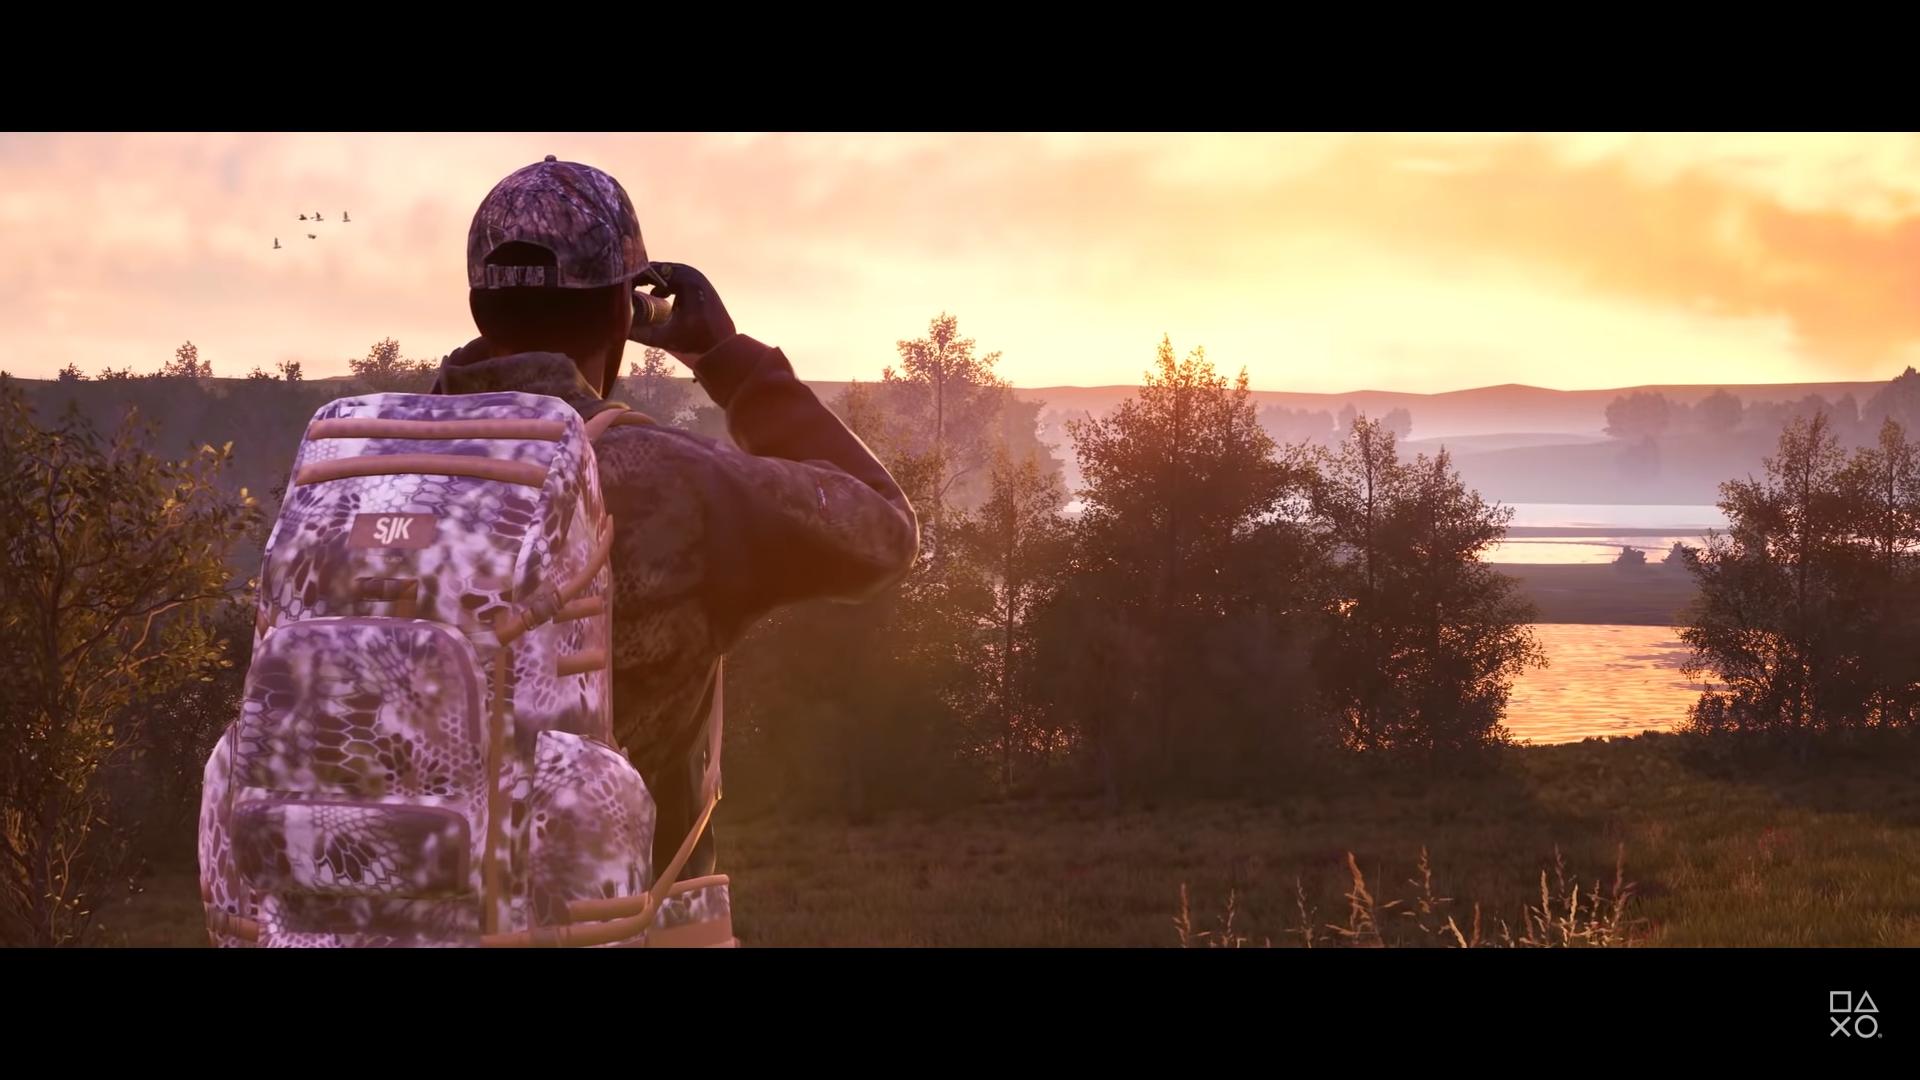 Hunting Simulator 2が6月30日にPS4とXbox Oneで発売!!後はスイッチ向けに発売されるぞ!